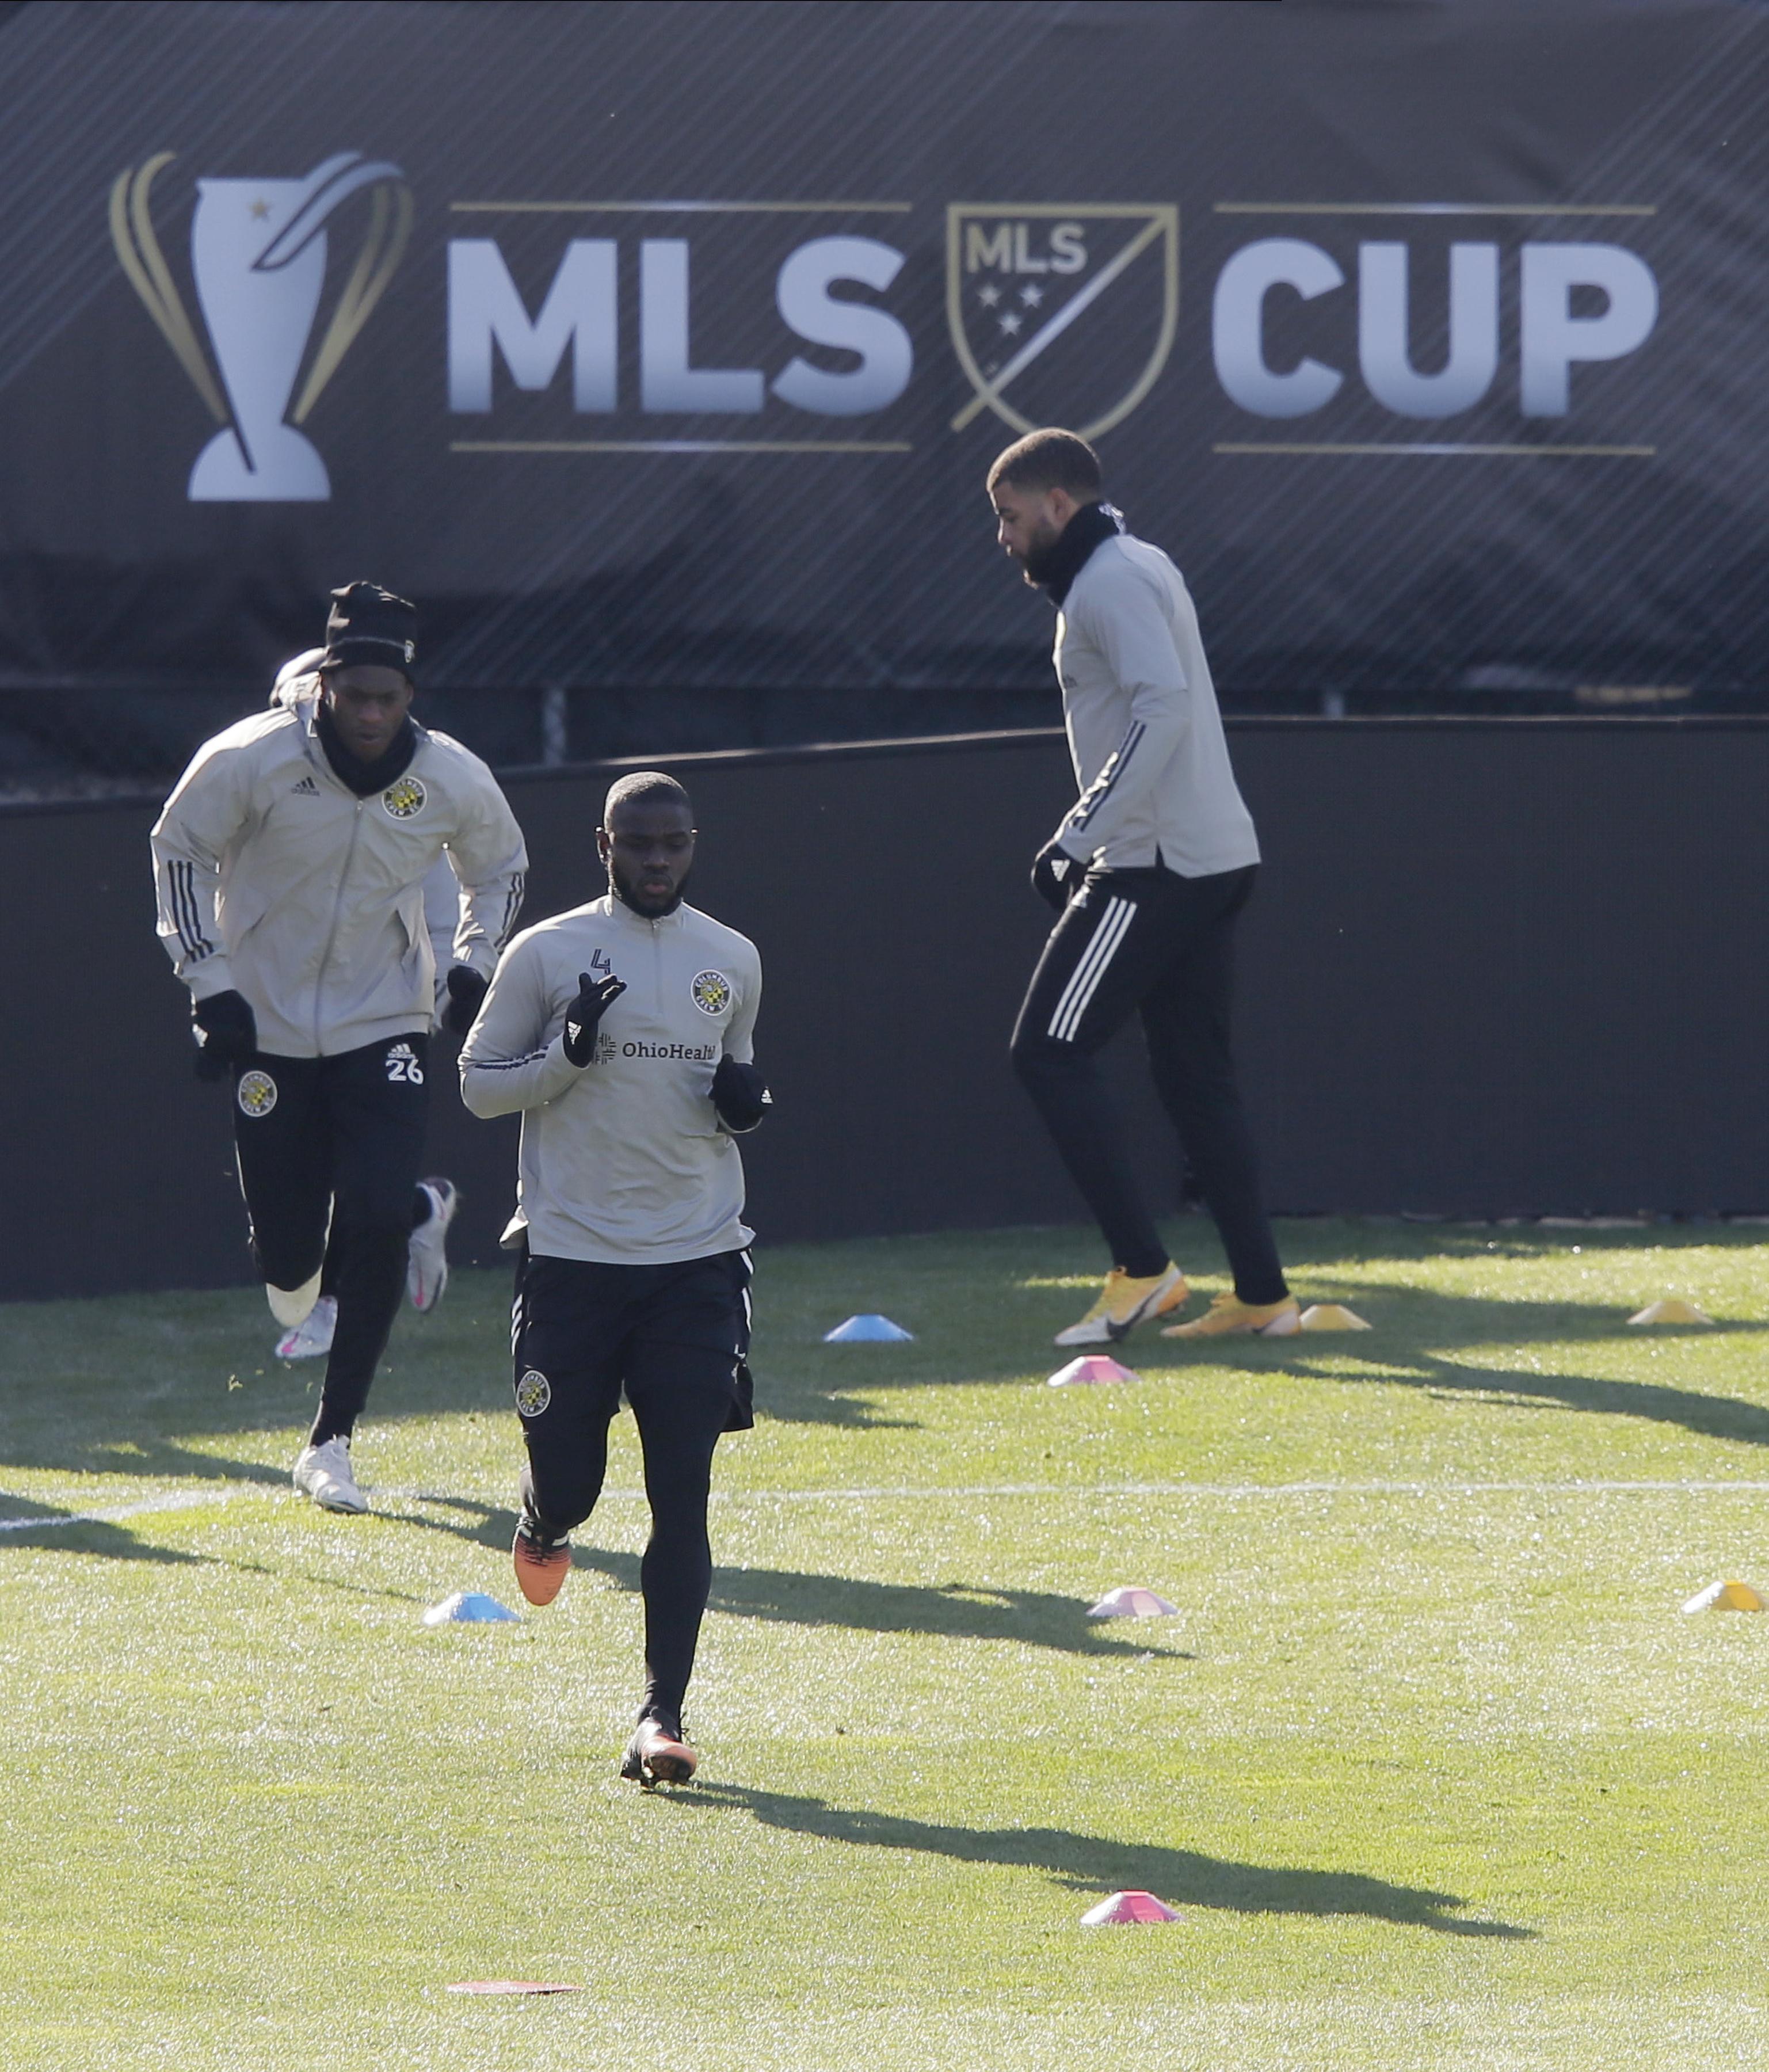 MLS: MLS Cup-Practice